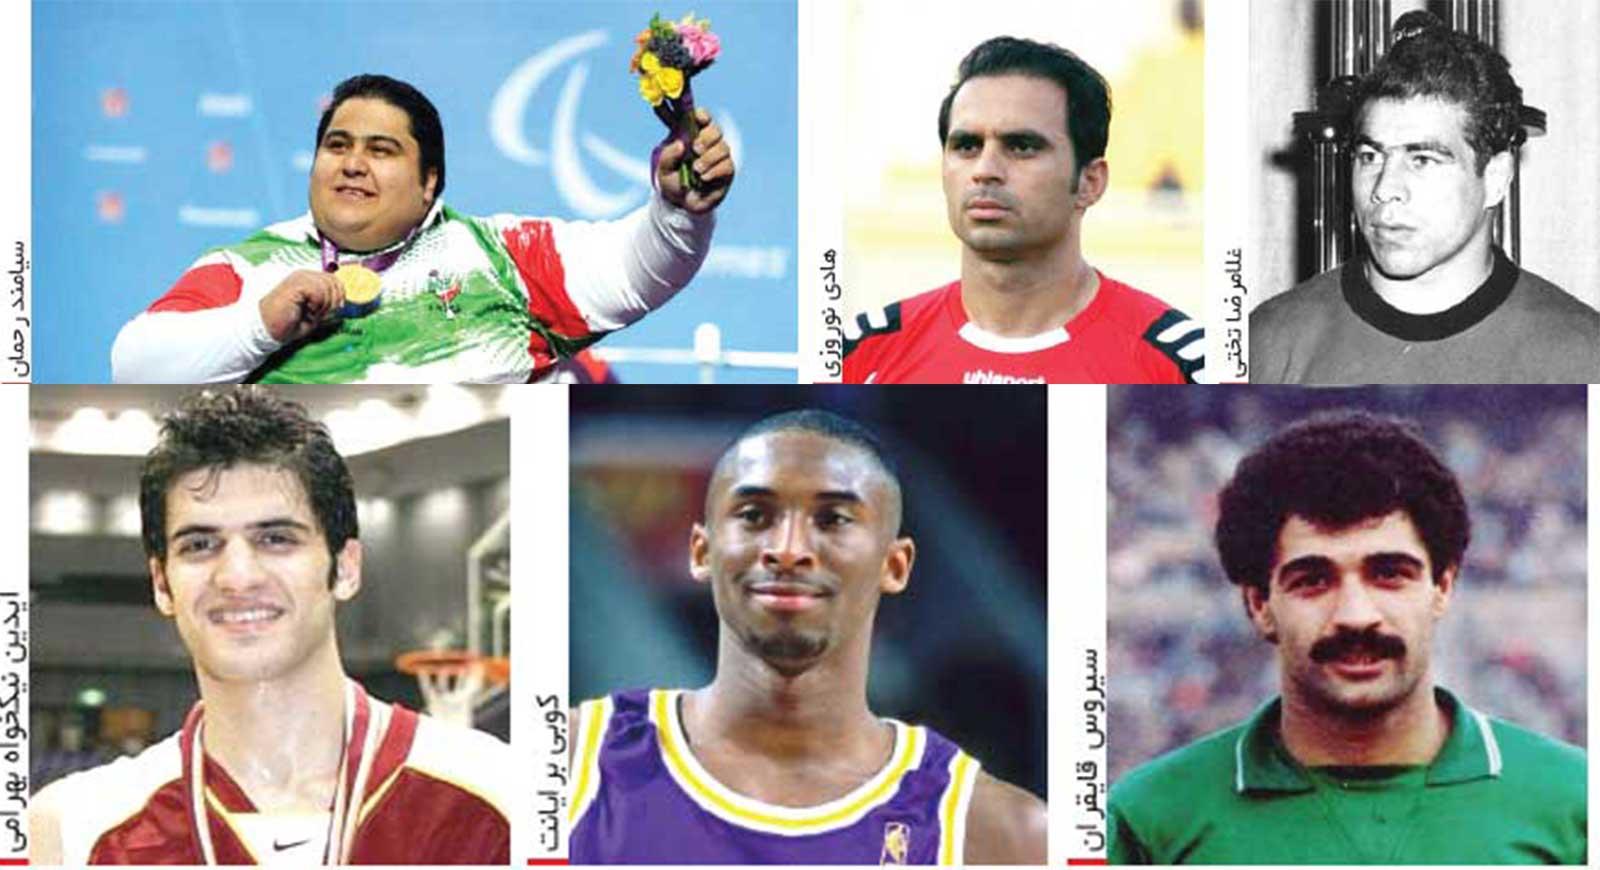 ورزشکاران مشهوری که در جوانی و به طور ناگهانی درگذشتند + تصاویر